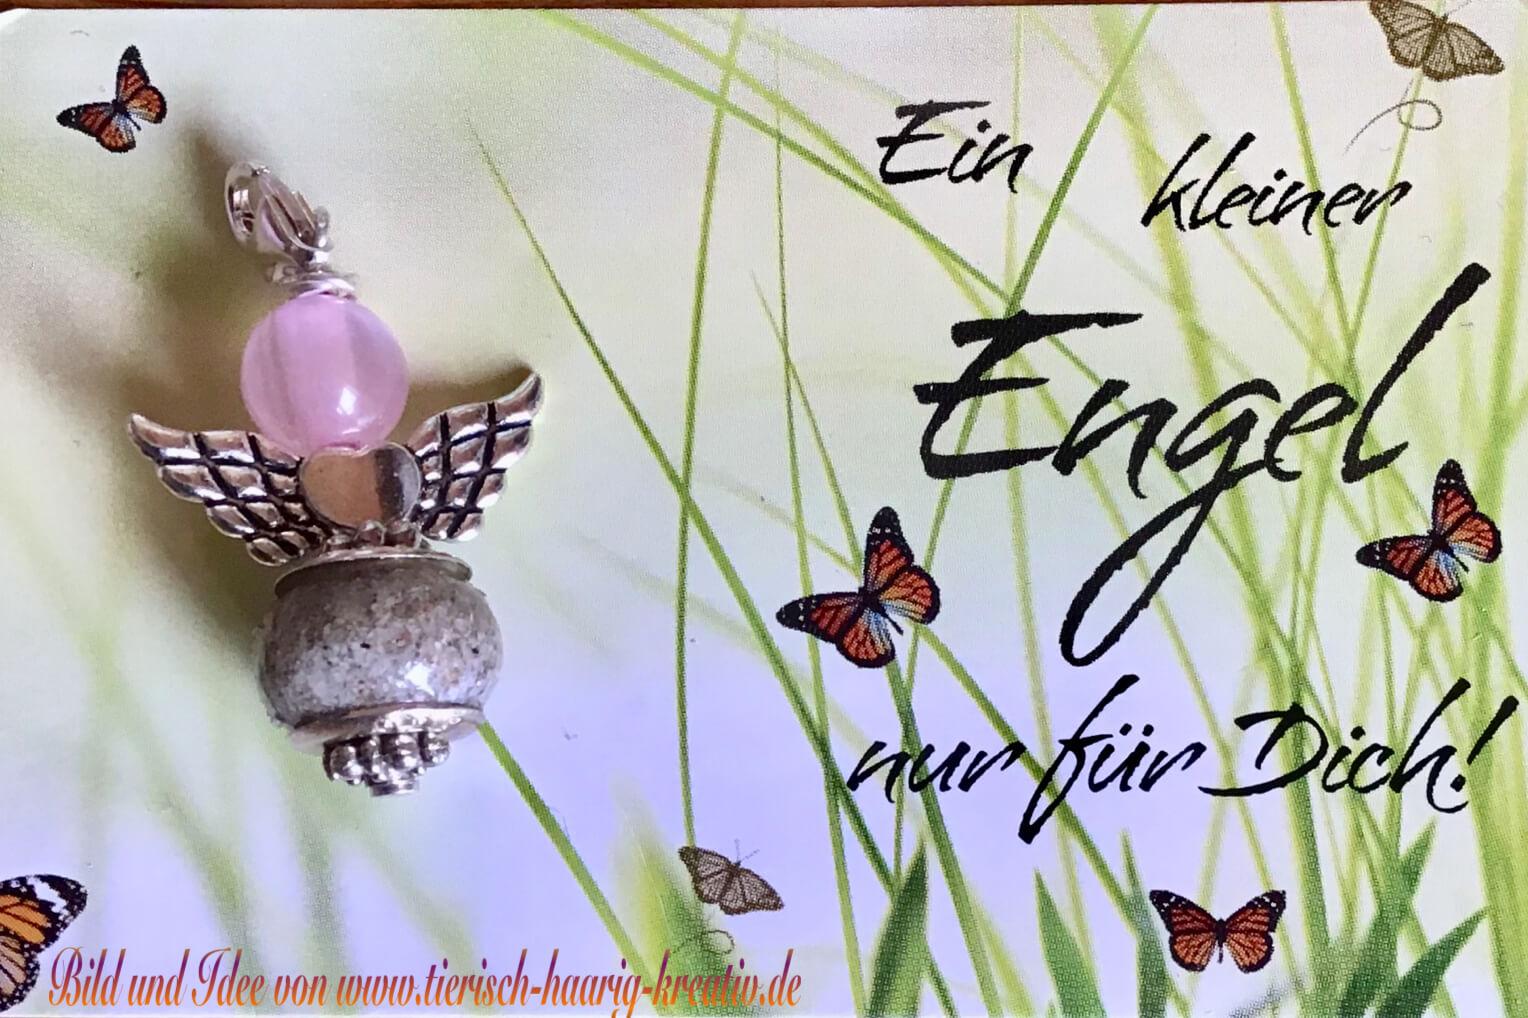 Engel ca 4 cm in Edelstahl * 29,50 Alle angegebenen Preise sind Gesamtpreise (ggf. zzgl. Versandkosten).